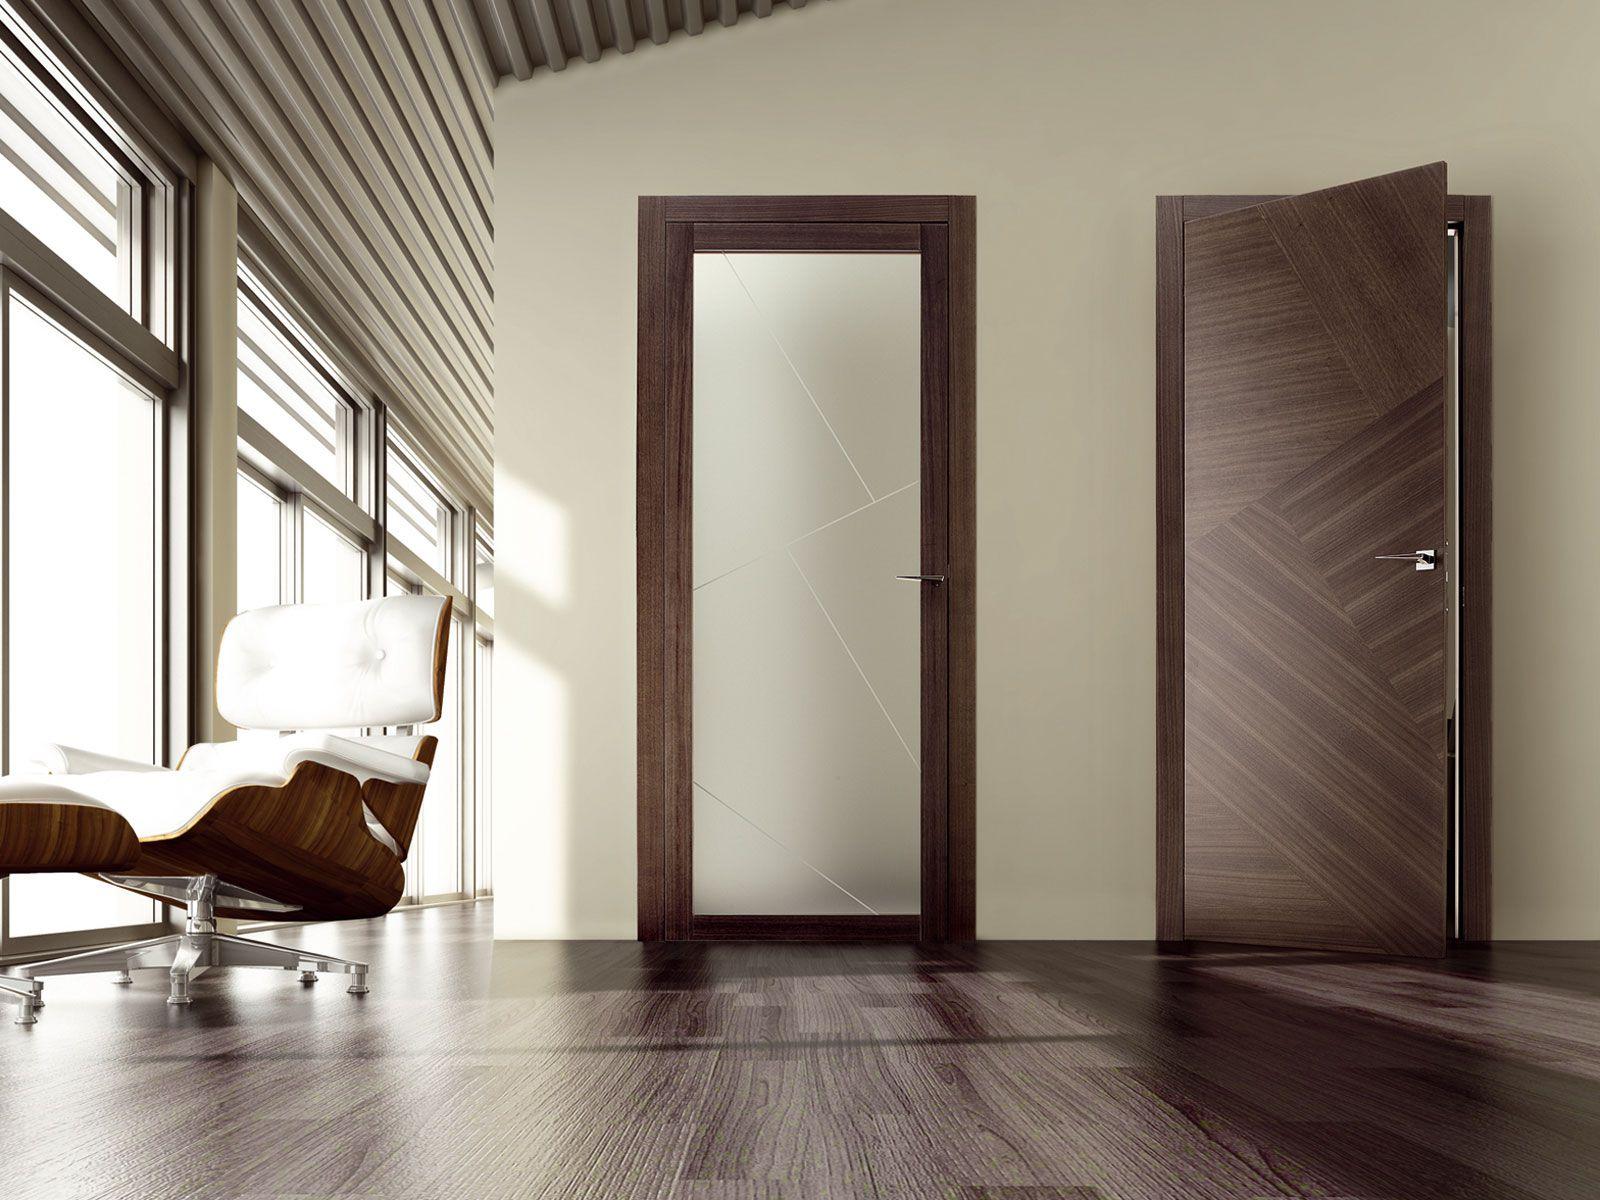 Ламинированная дверь с рисунком